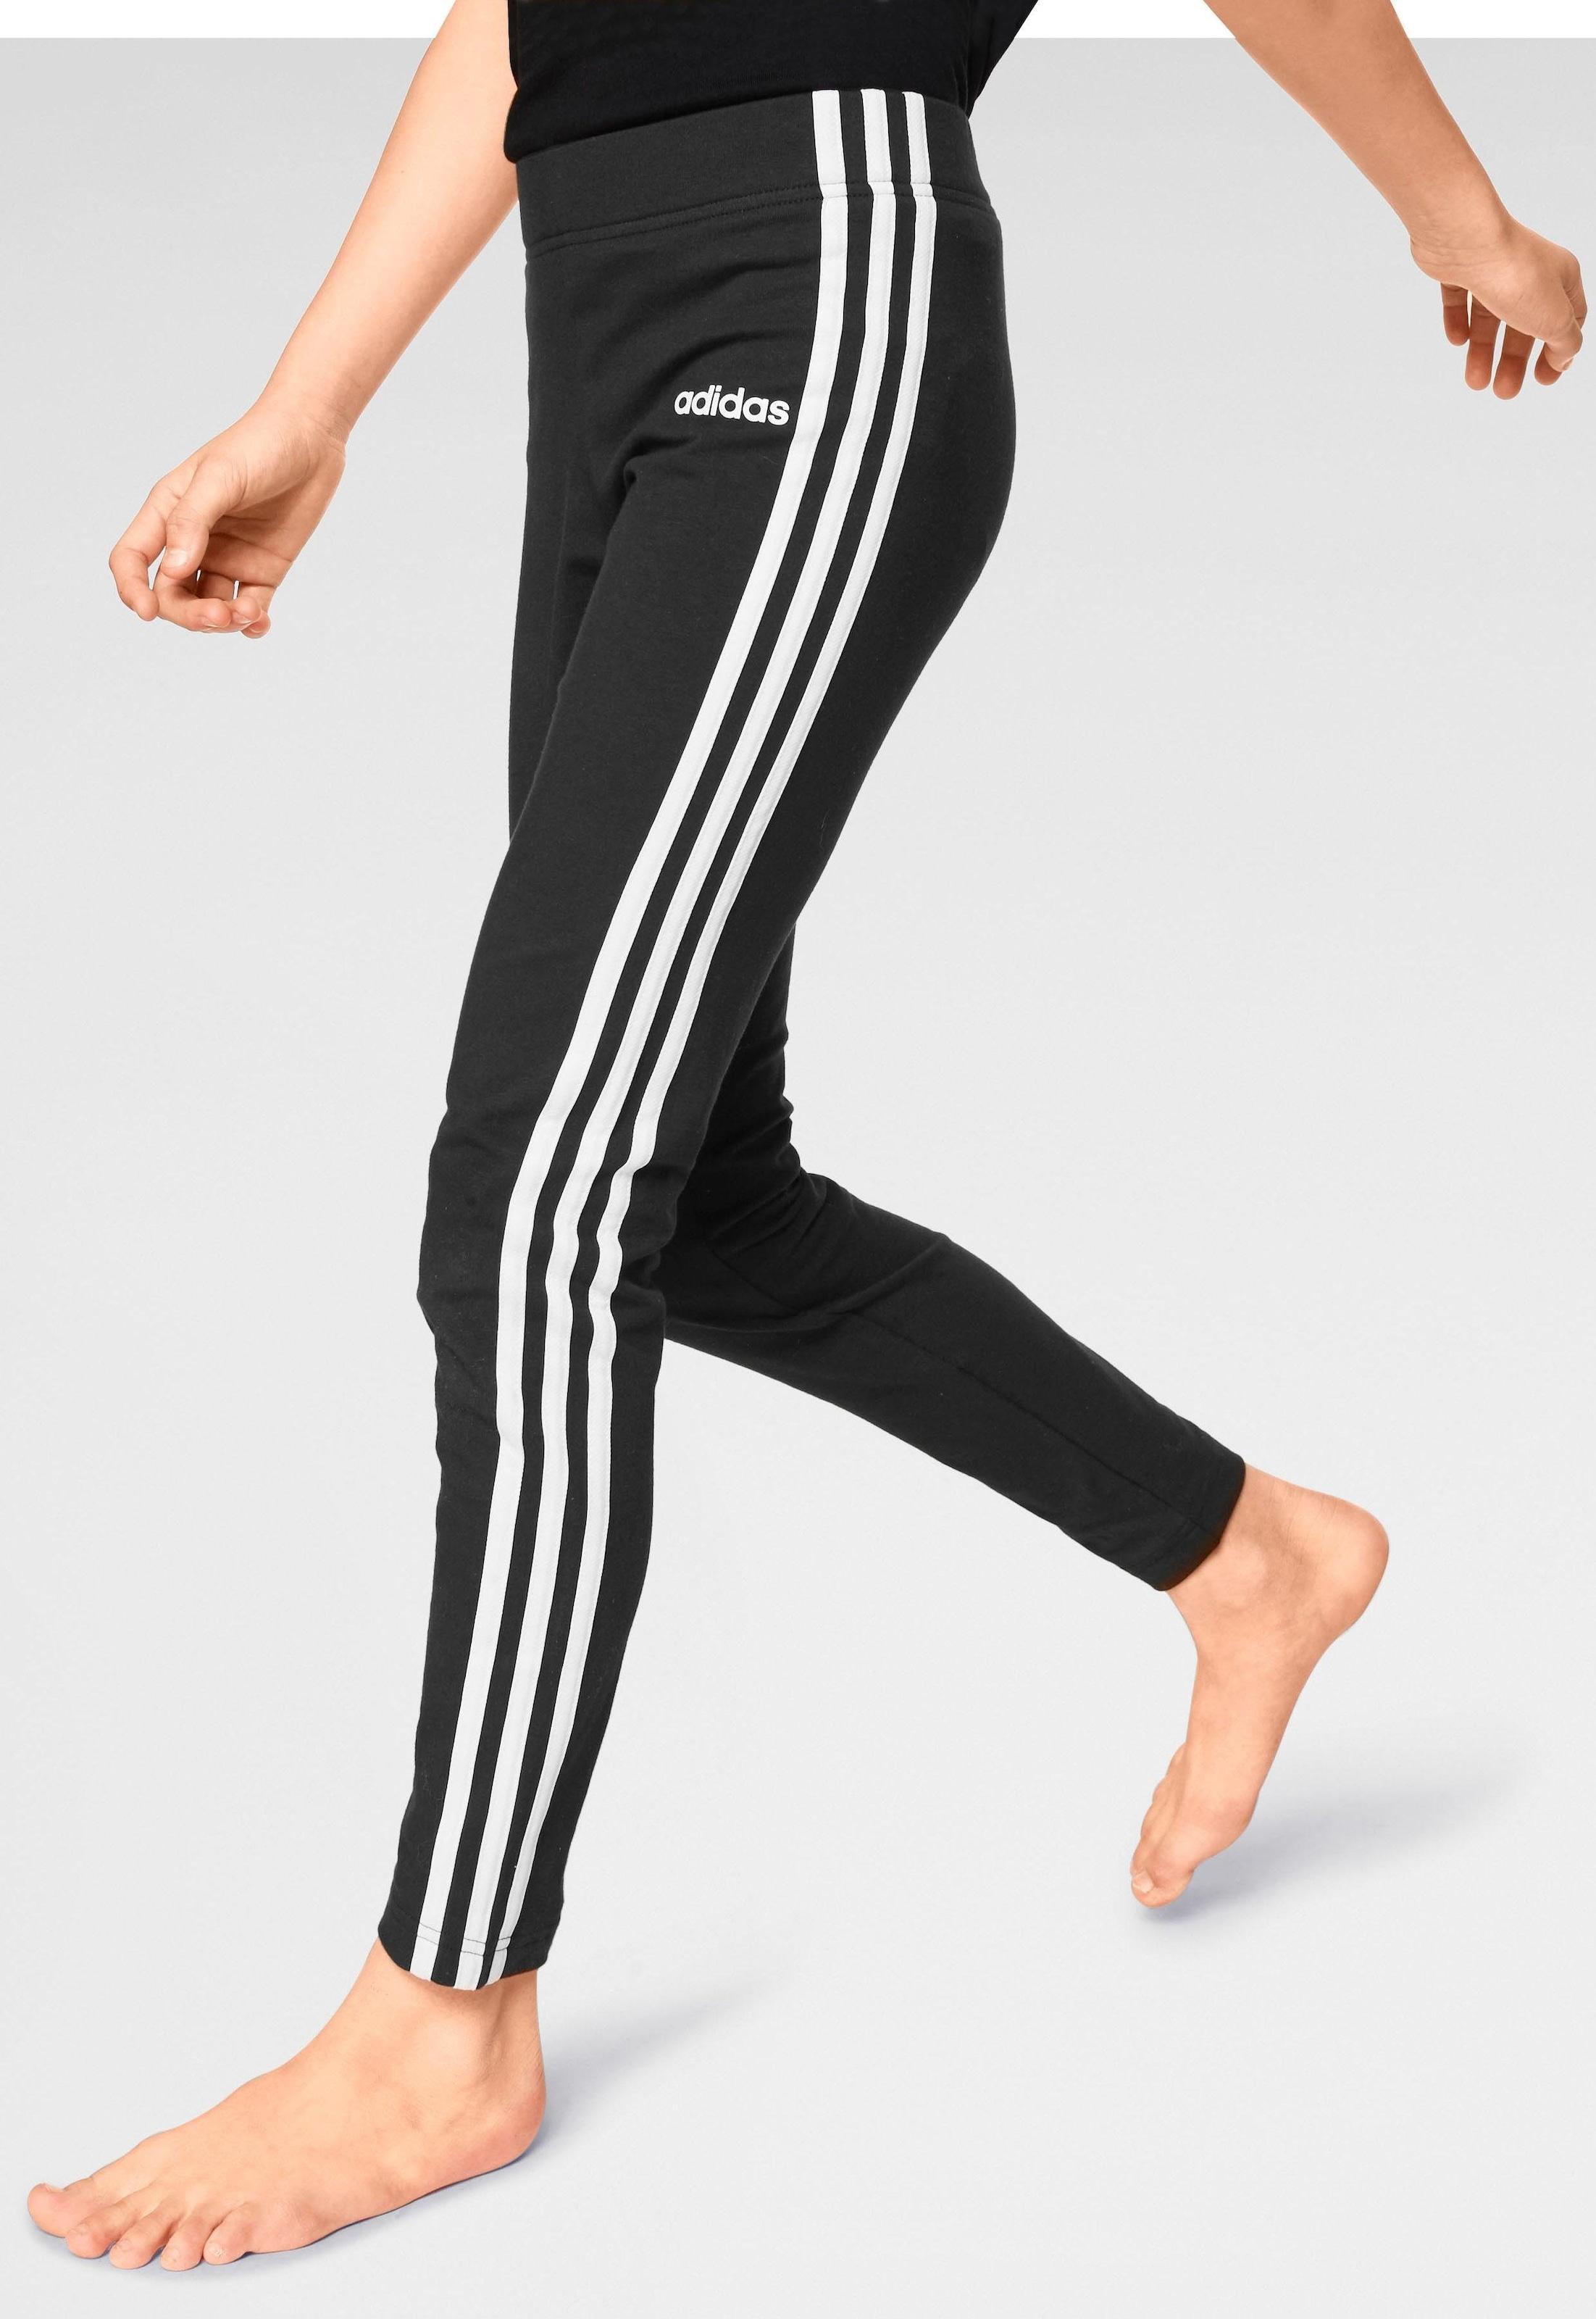 adidas Core Mädchen Sport Fitness Hose Equip 3//4 Tight schwarz weiß